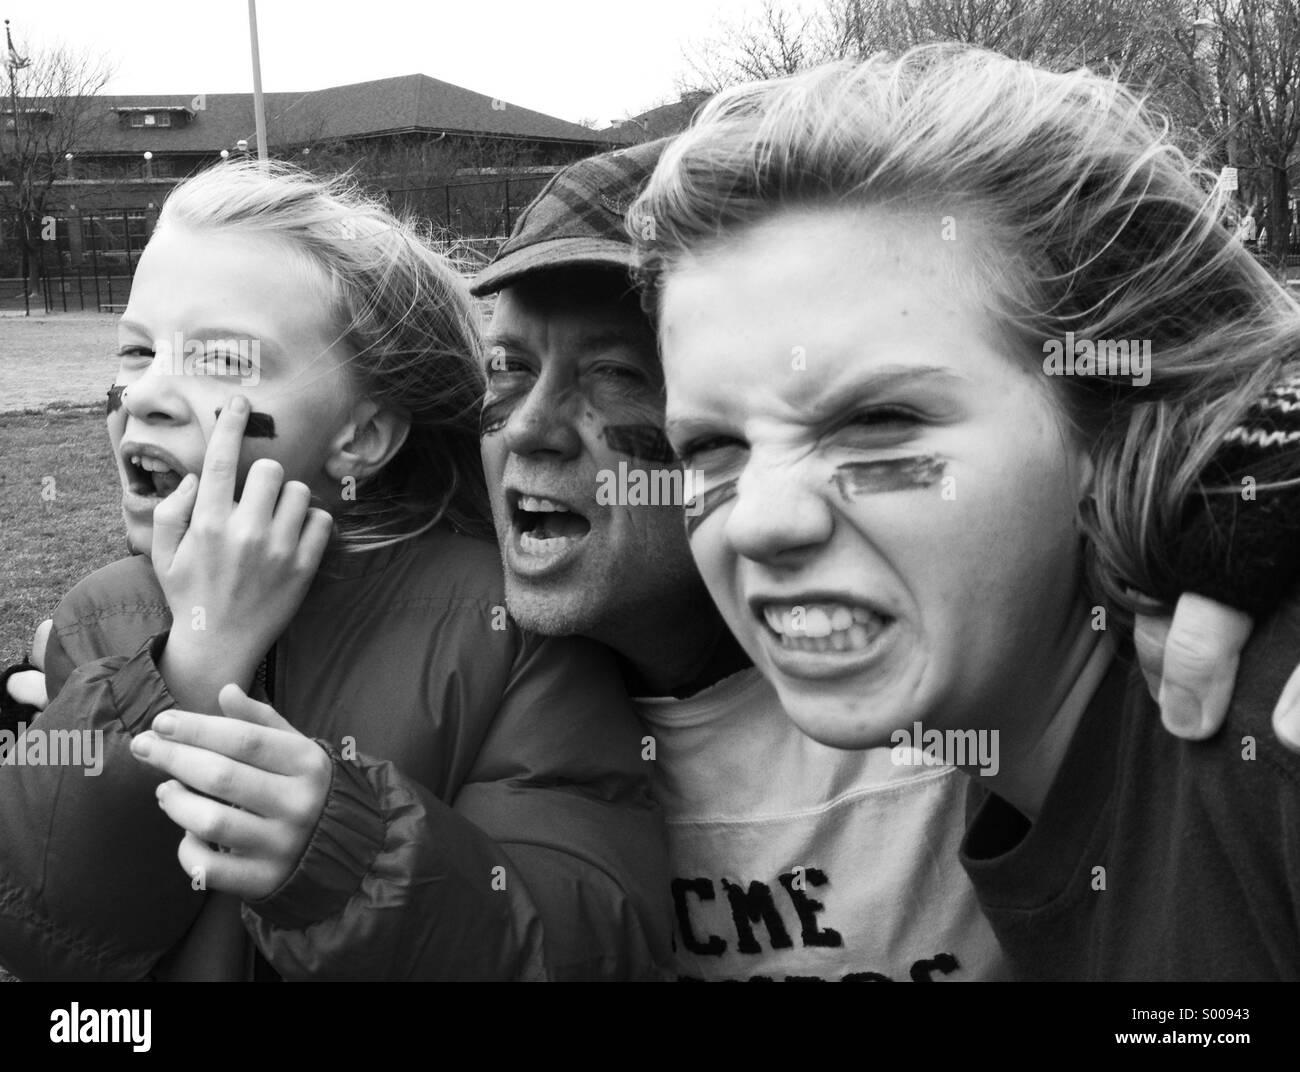 Mach dich bereit für ein Familienspiel des Fußballs, ein Vater und seine Töchter. Stockbild